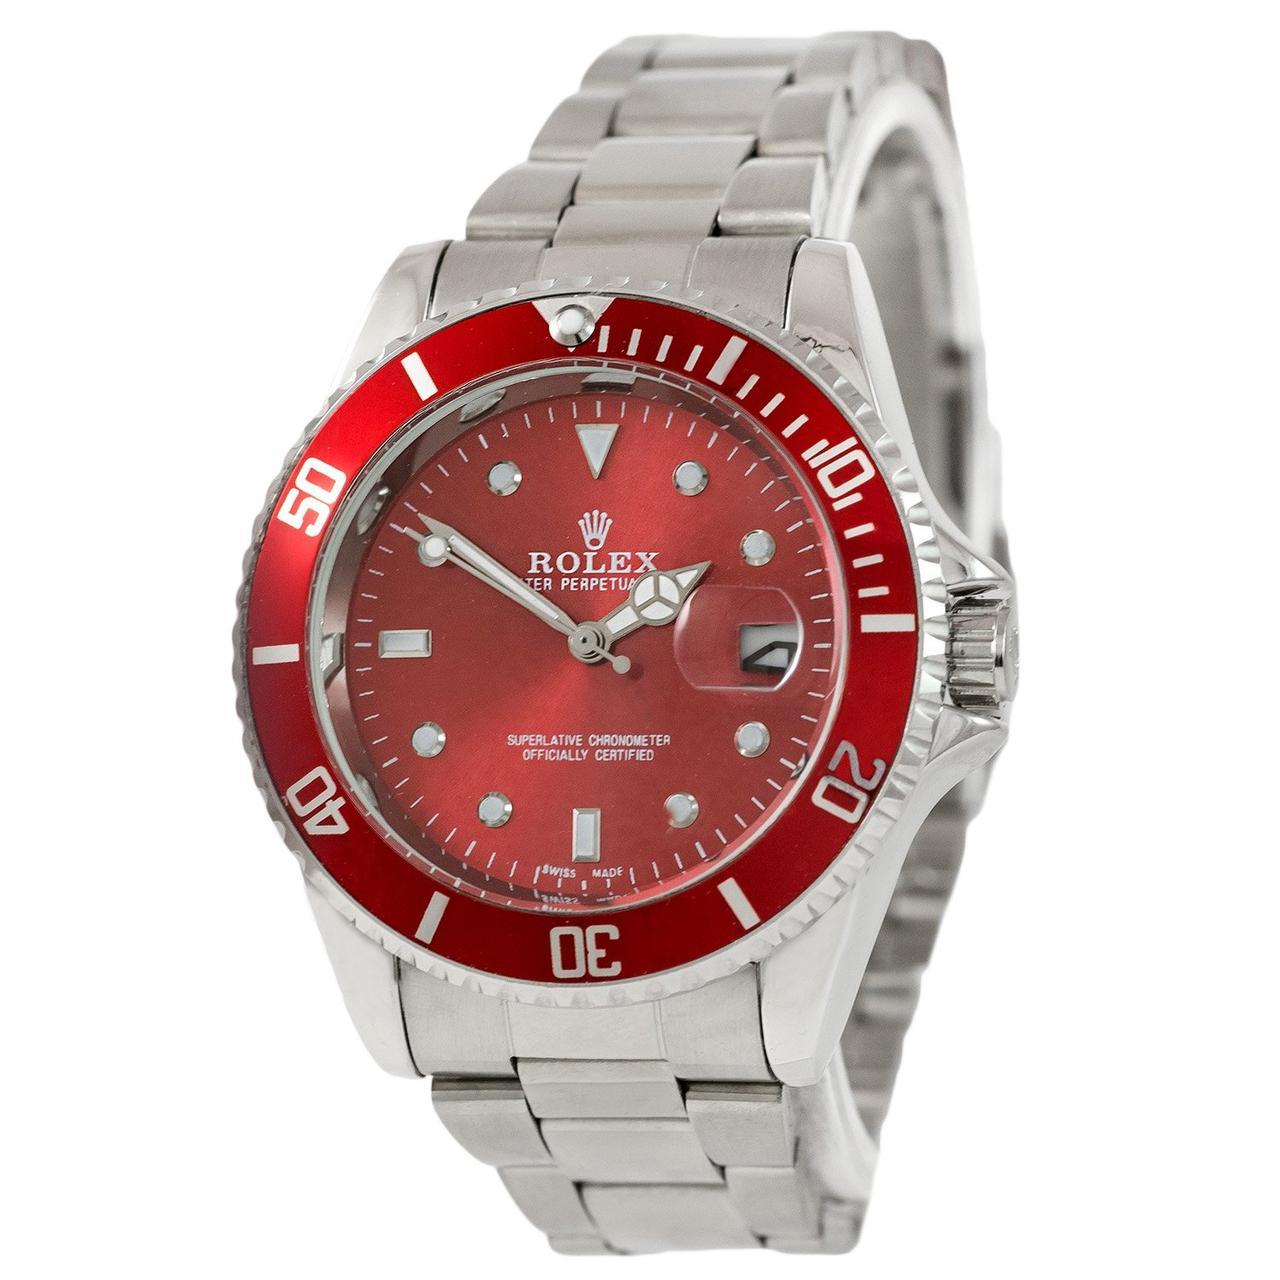 Rolex Submariner 2128 Quarts Silver-Red